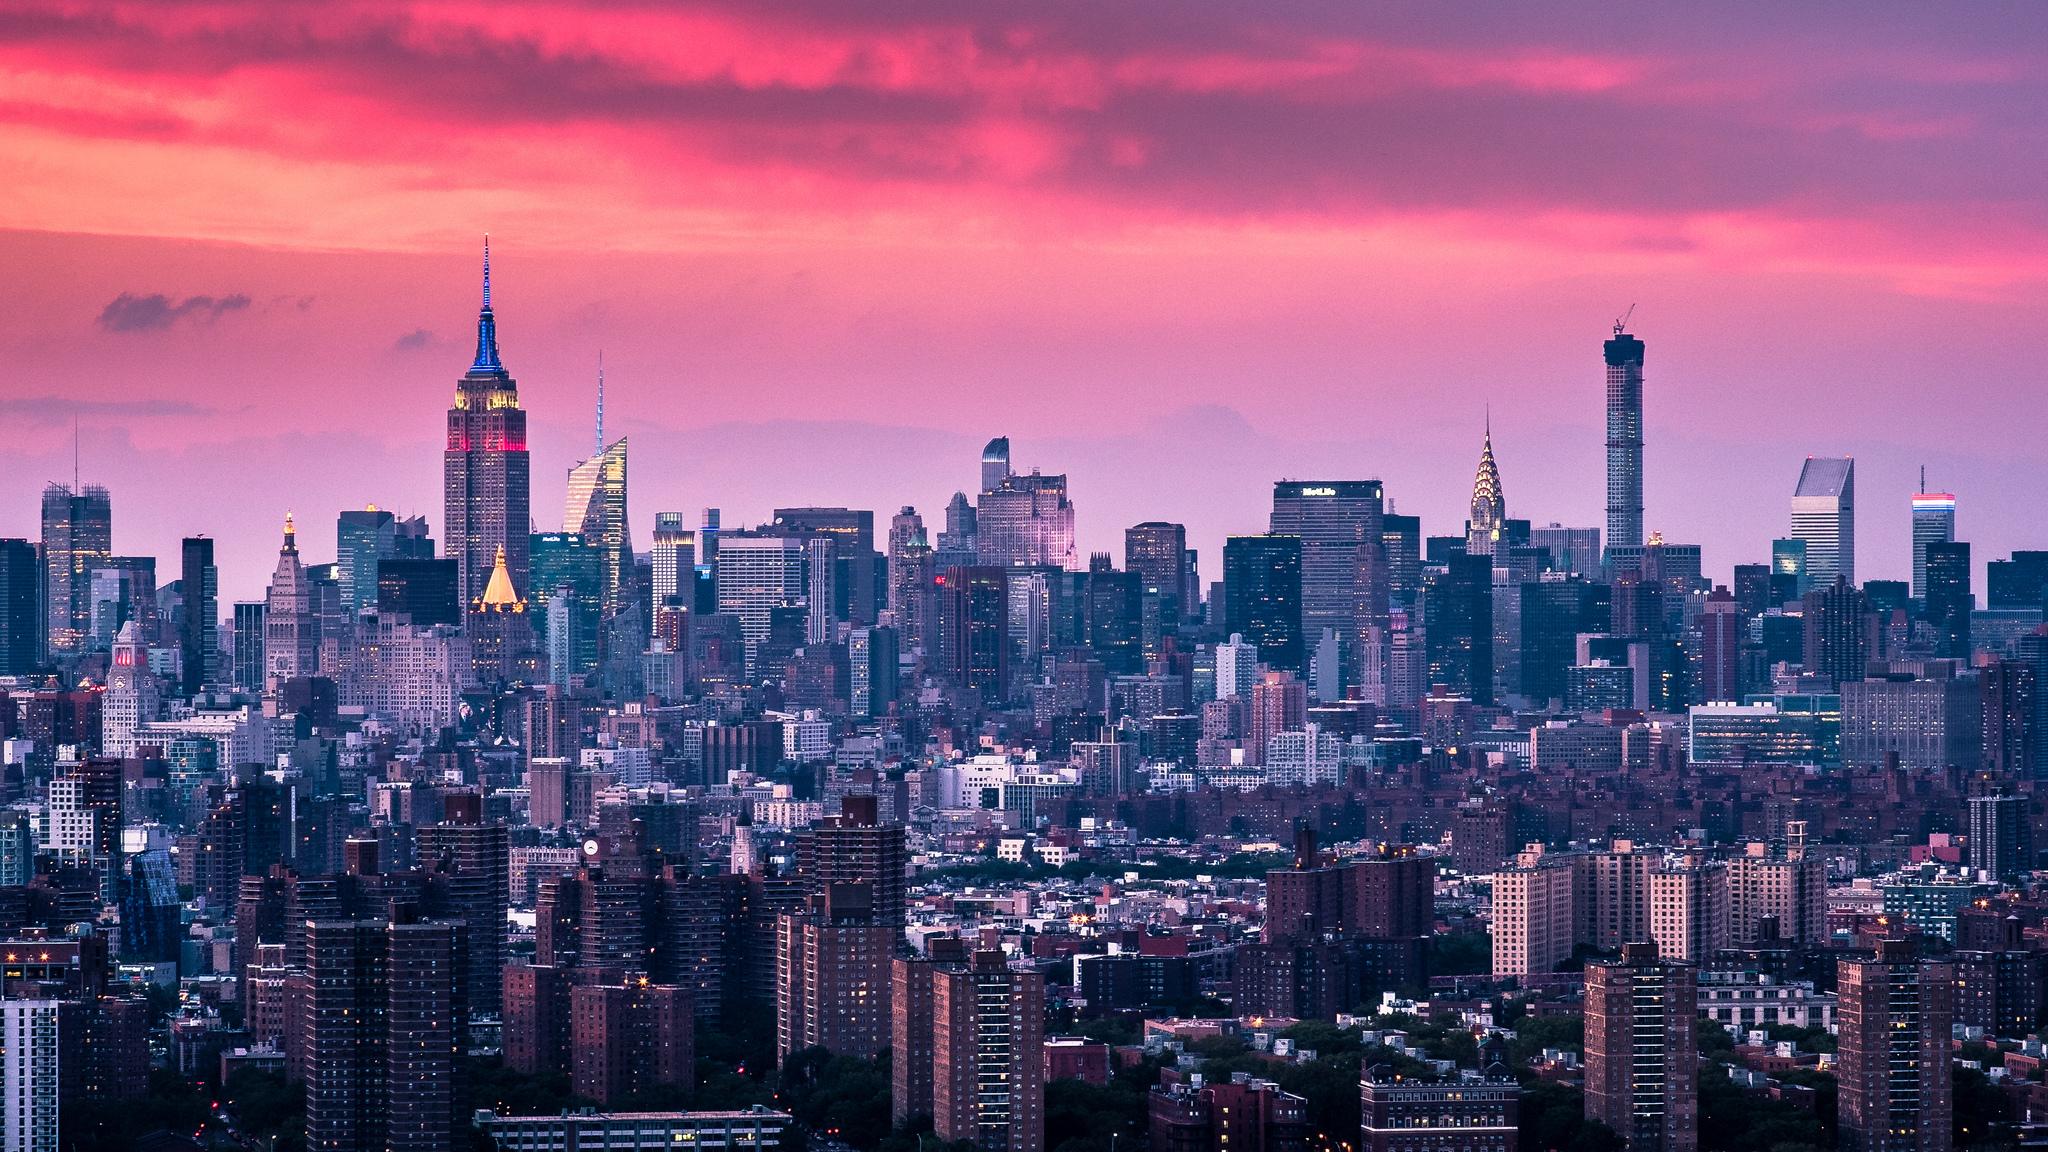 Скачать обои для рабочего стола нью йорк